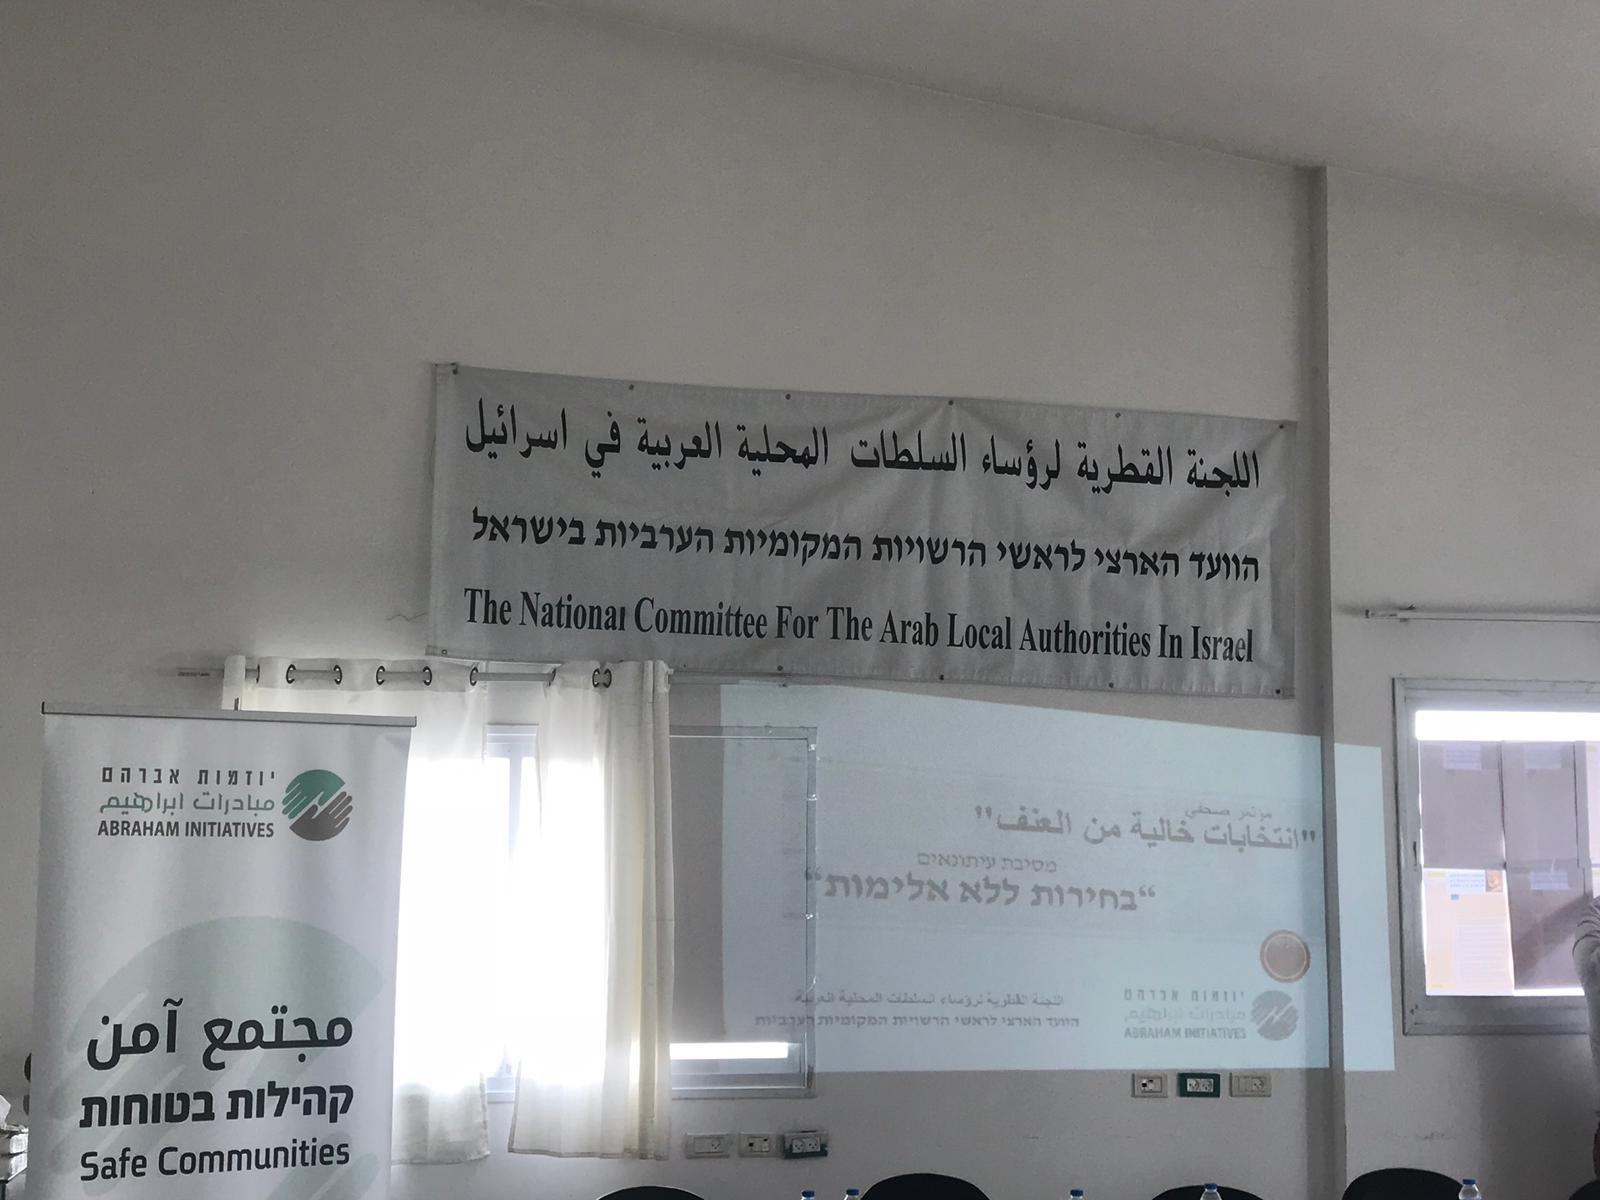 اطلاق حملة  انتخابات خالية من العنف بالتعاون بين صندوق ابراهيم واللجنة القطرية للسلطات المحلية